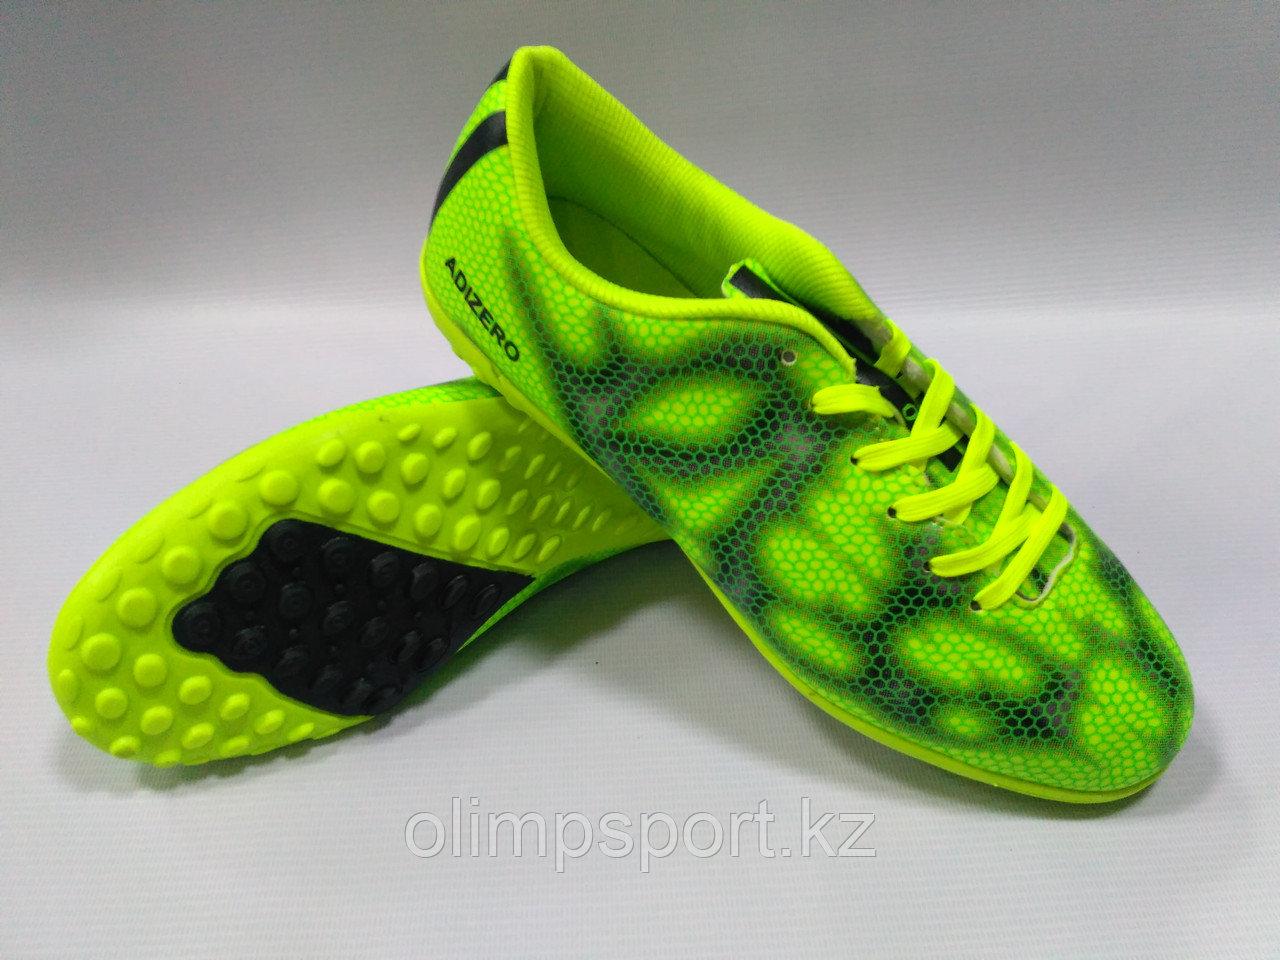 Сороконожки футбольные Adidas adizero f50